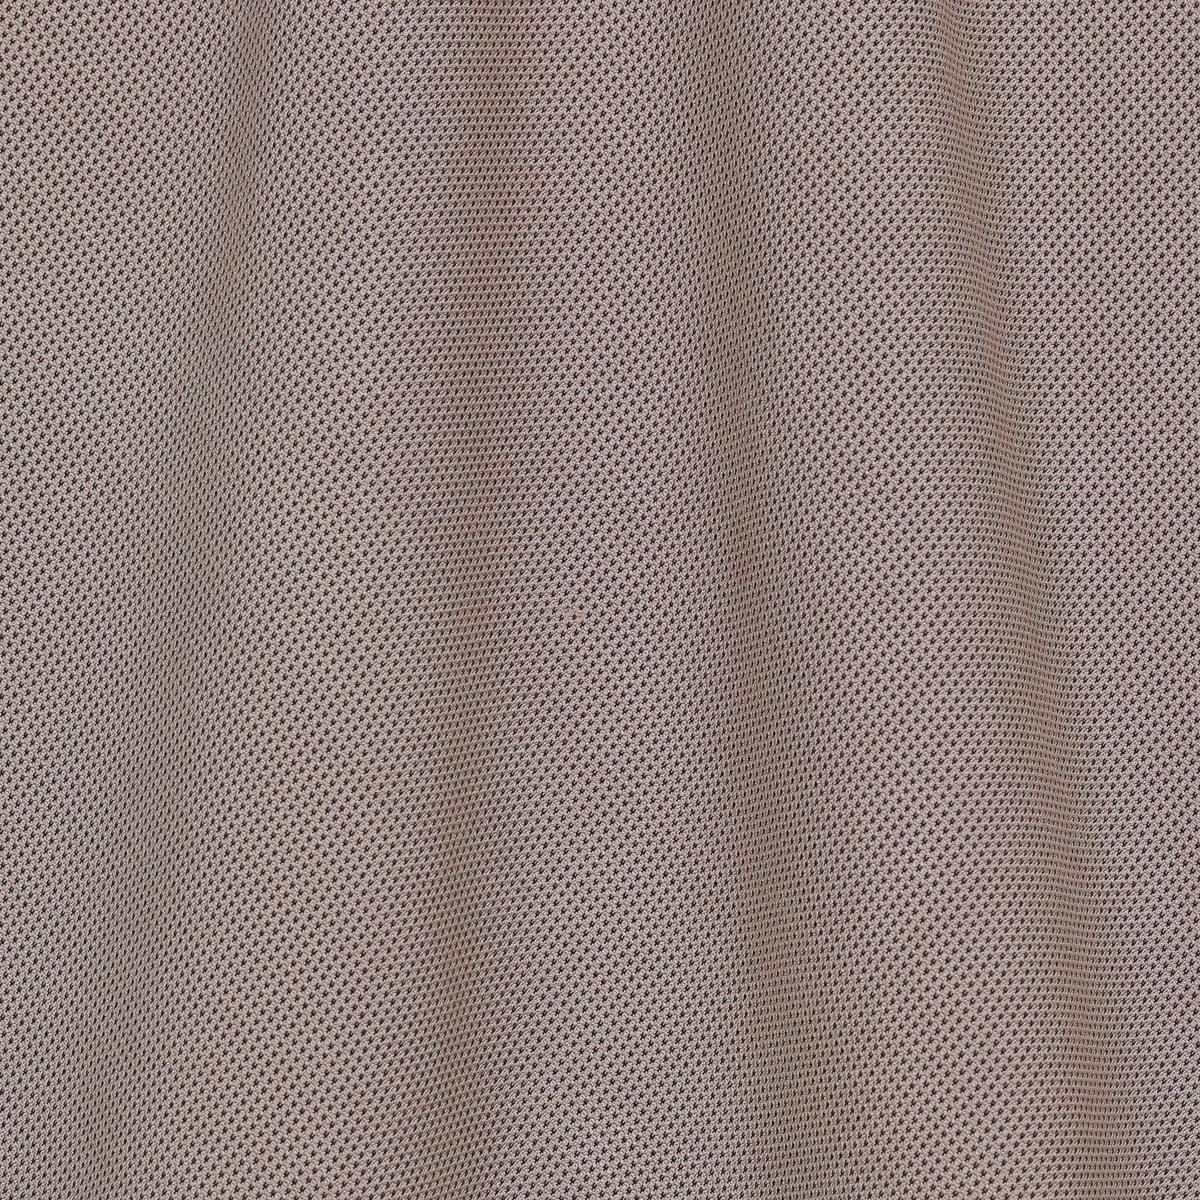 Ткань из смеси вискозы, шёлка и льна